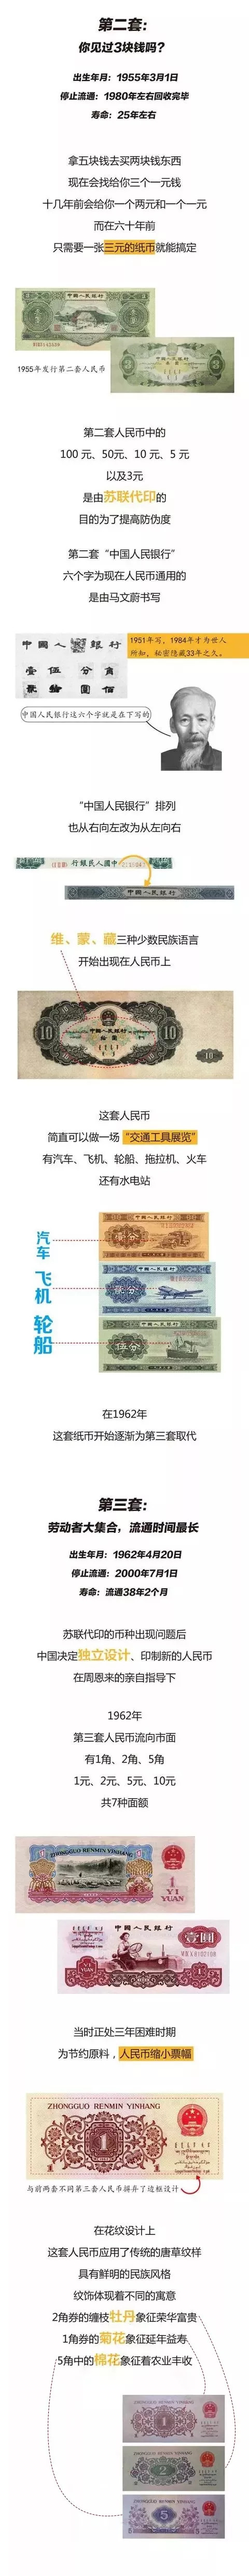 人民币极简史